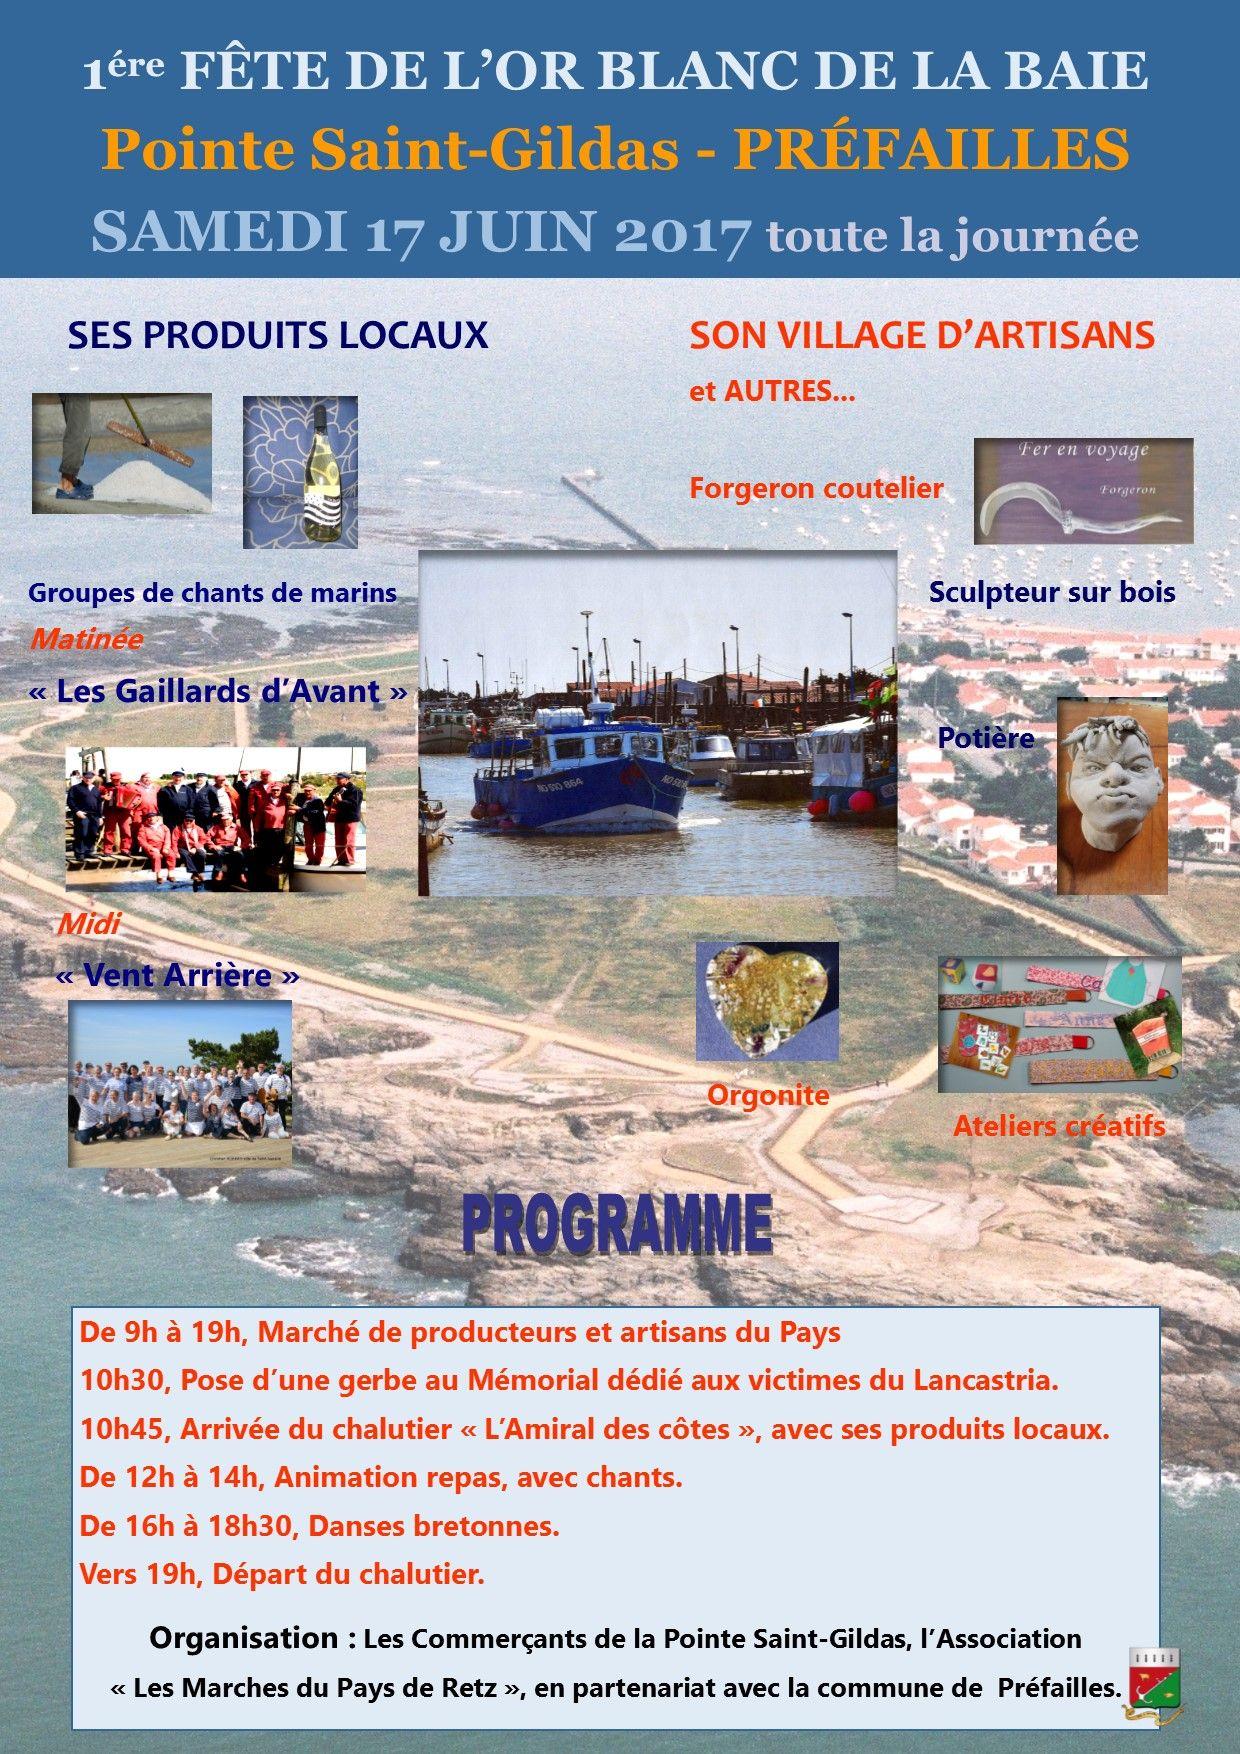 Affiche officielle 1ère Fête de l'Or blanc de la baie